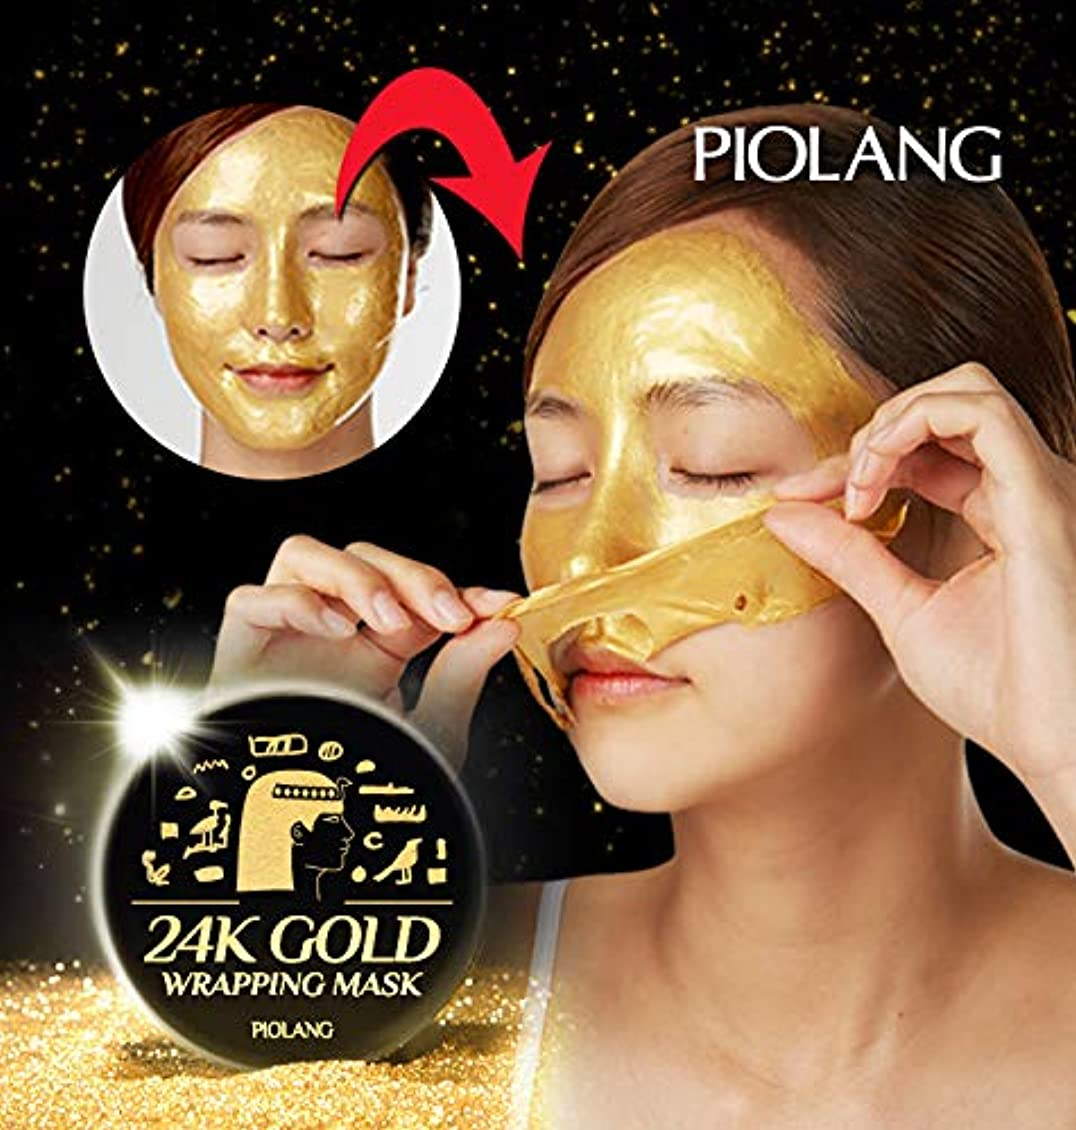 誕生報復トラフィックEsthetic House[エステティックハウス] ピオラン(Piolang) 24Kゴールドラッピングマスク80ml (しわケアパックをはがす) / 24K Gold Wrapping Mask